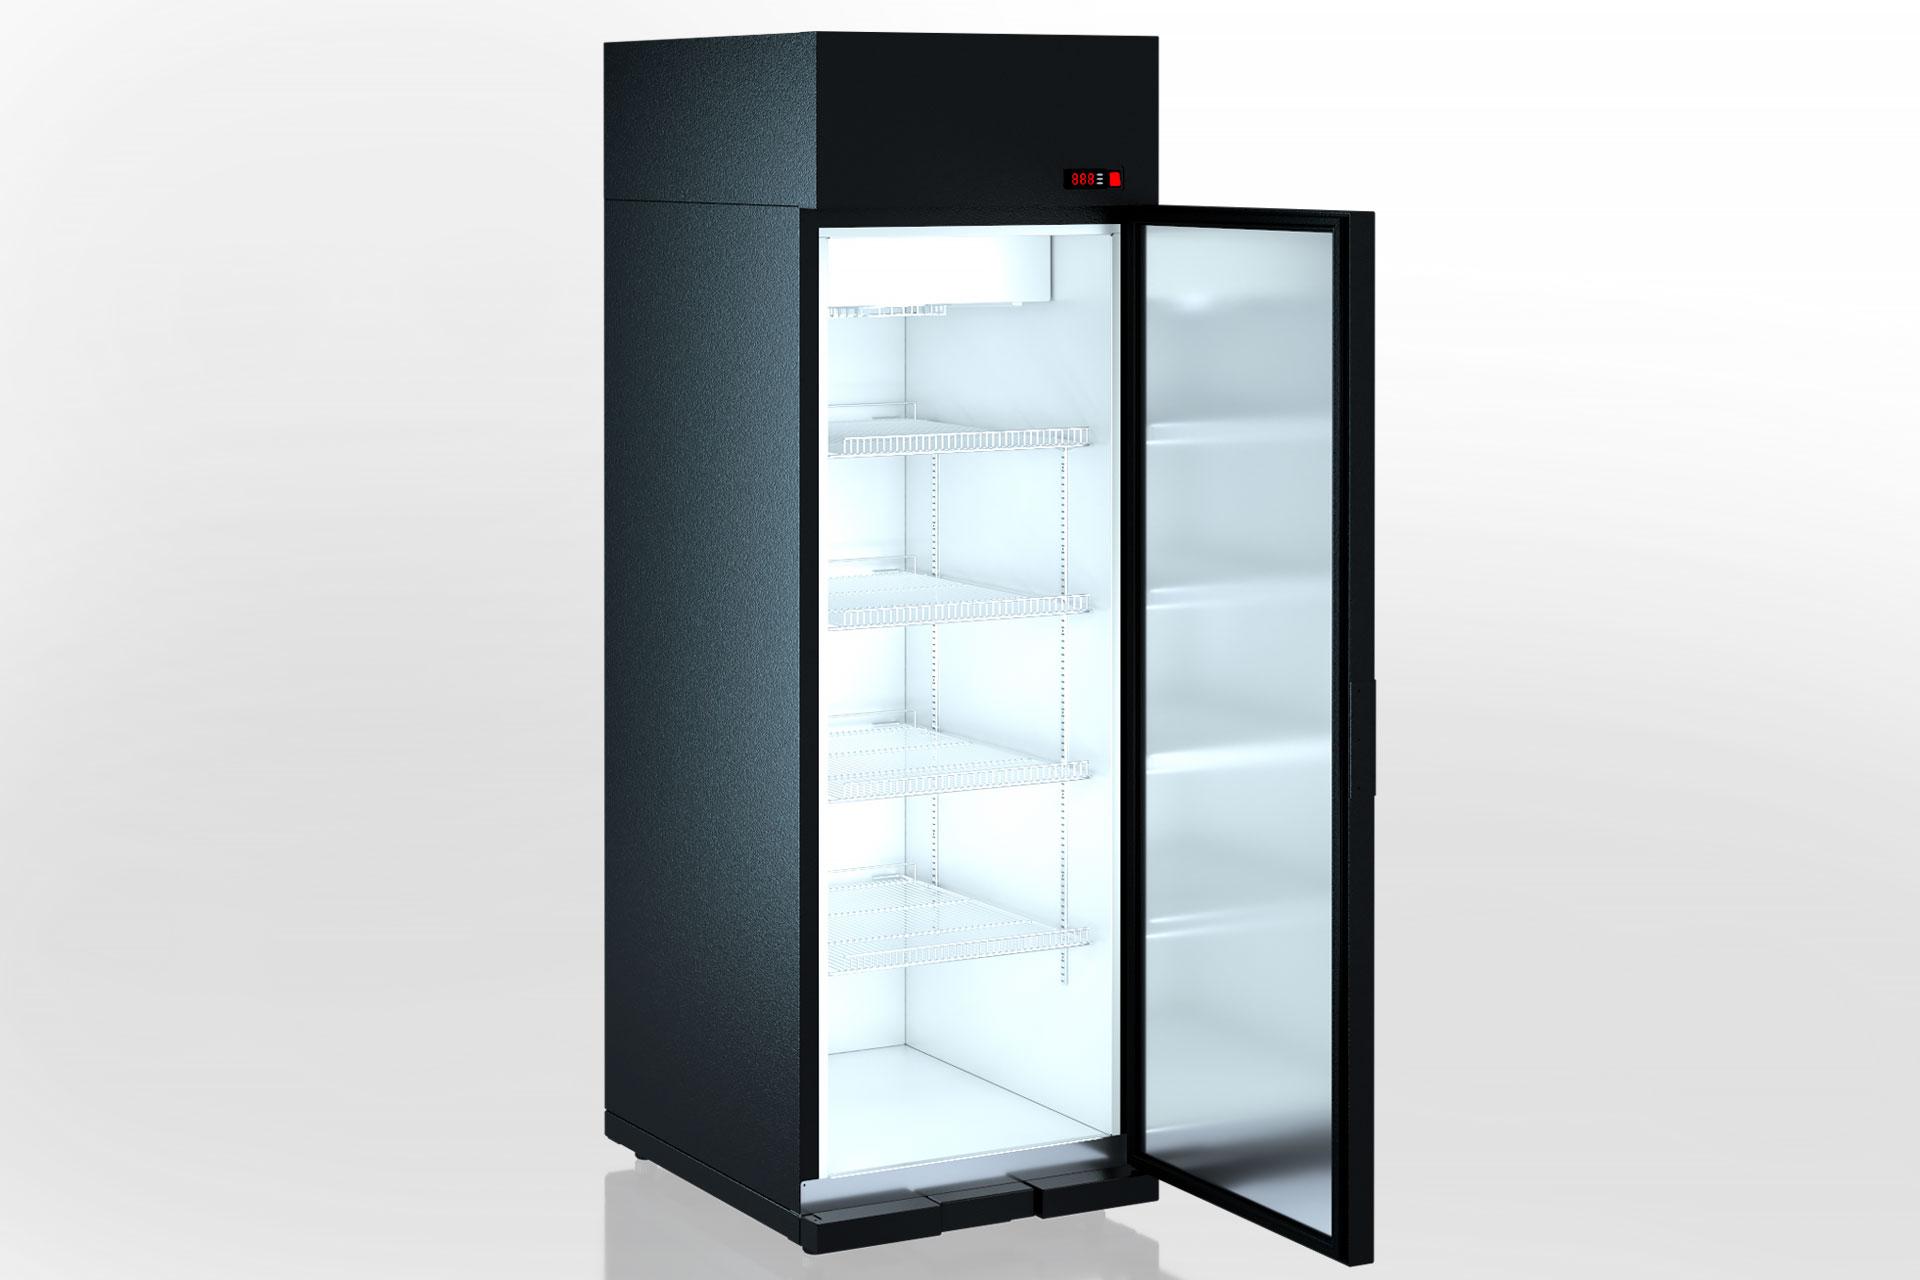 Frozen foods units Kansas VАZG090 LT 1HD 210-D700A-069